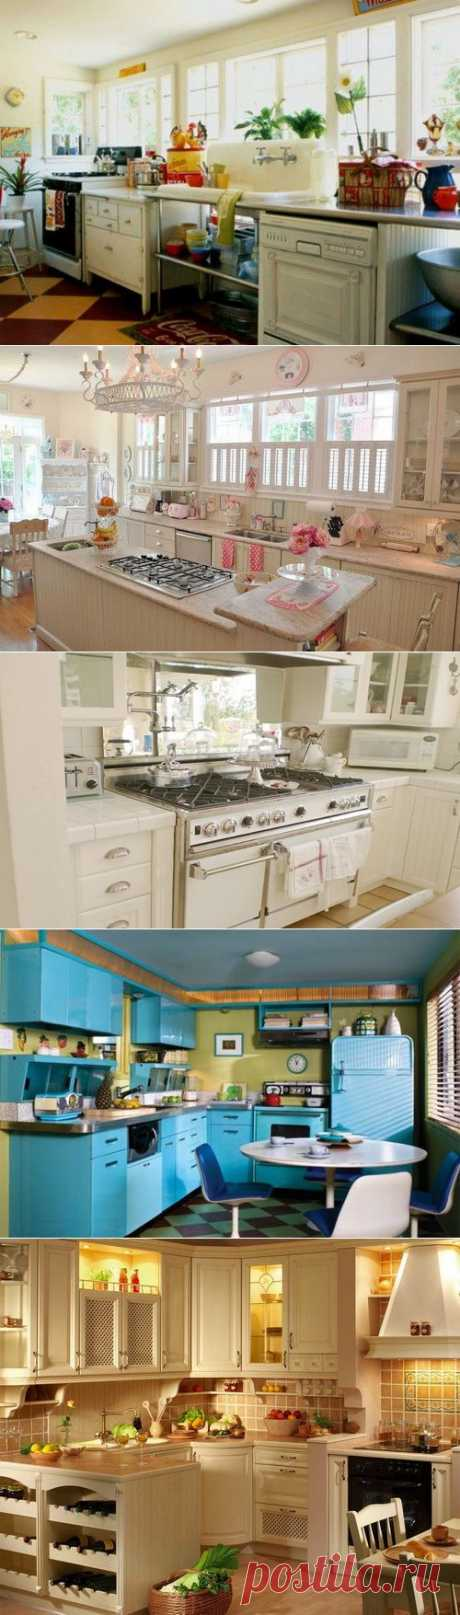 Кухня в стиле ретро – душевное спокойствие и равновесие | ПРАВИЛЬНО выбираем бытовую технику